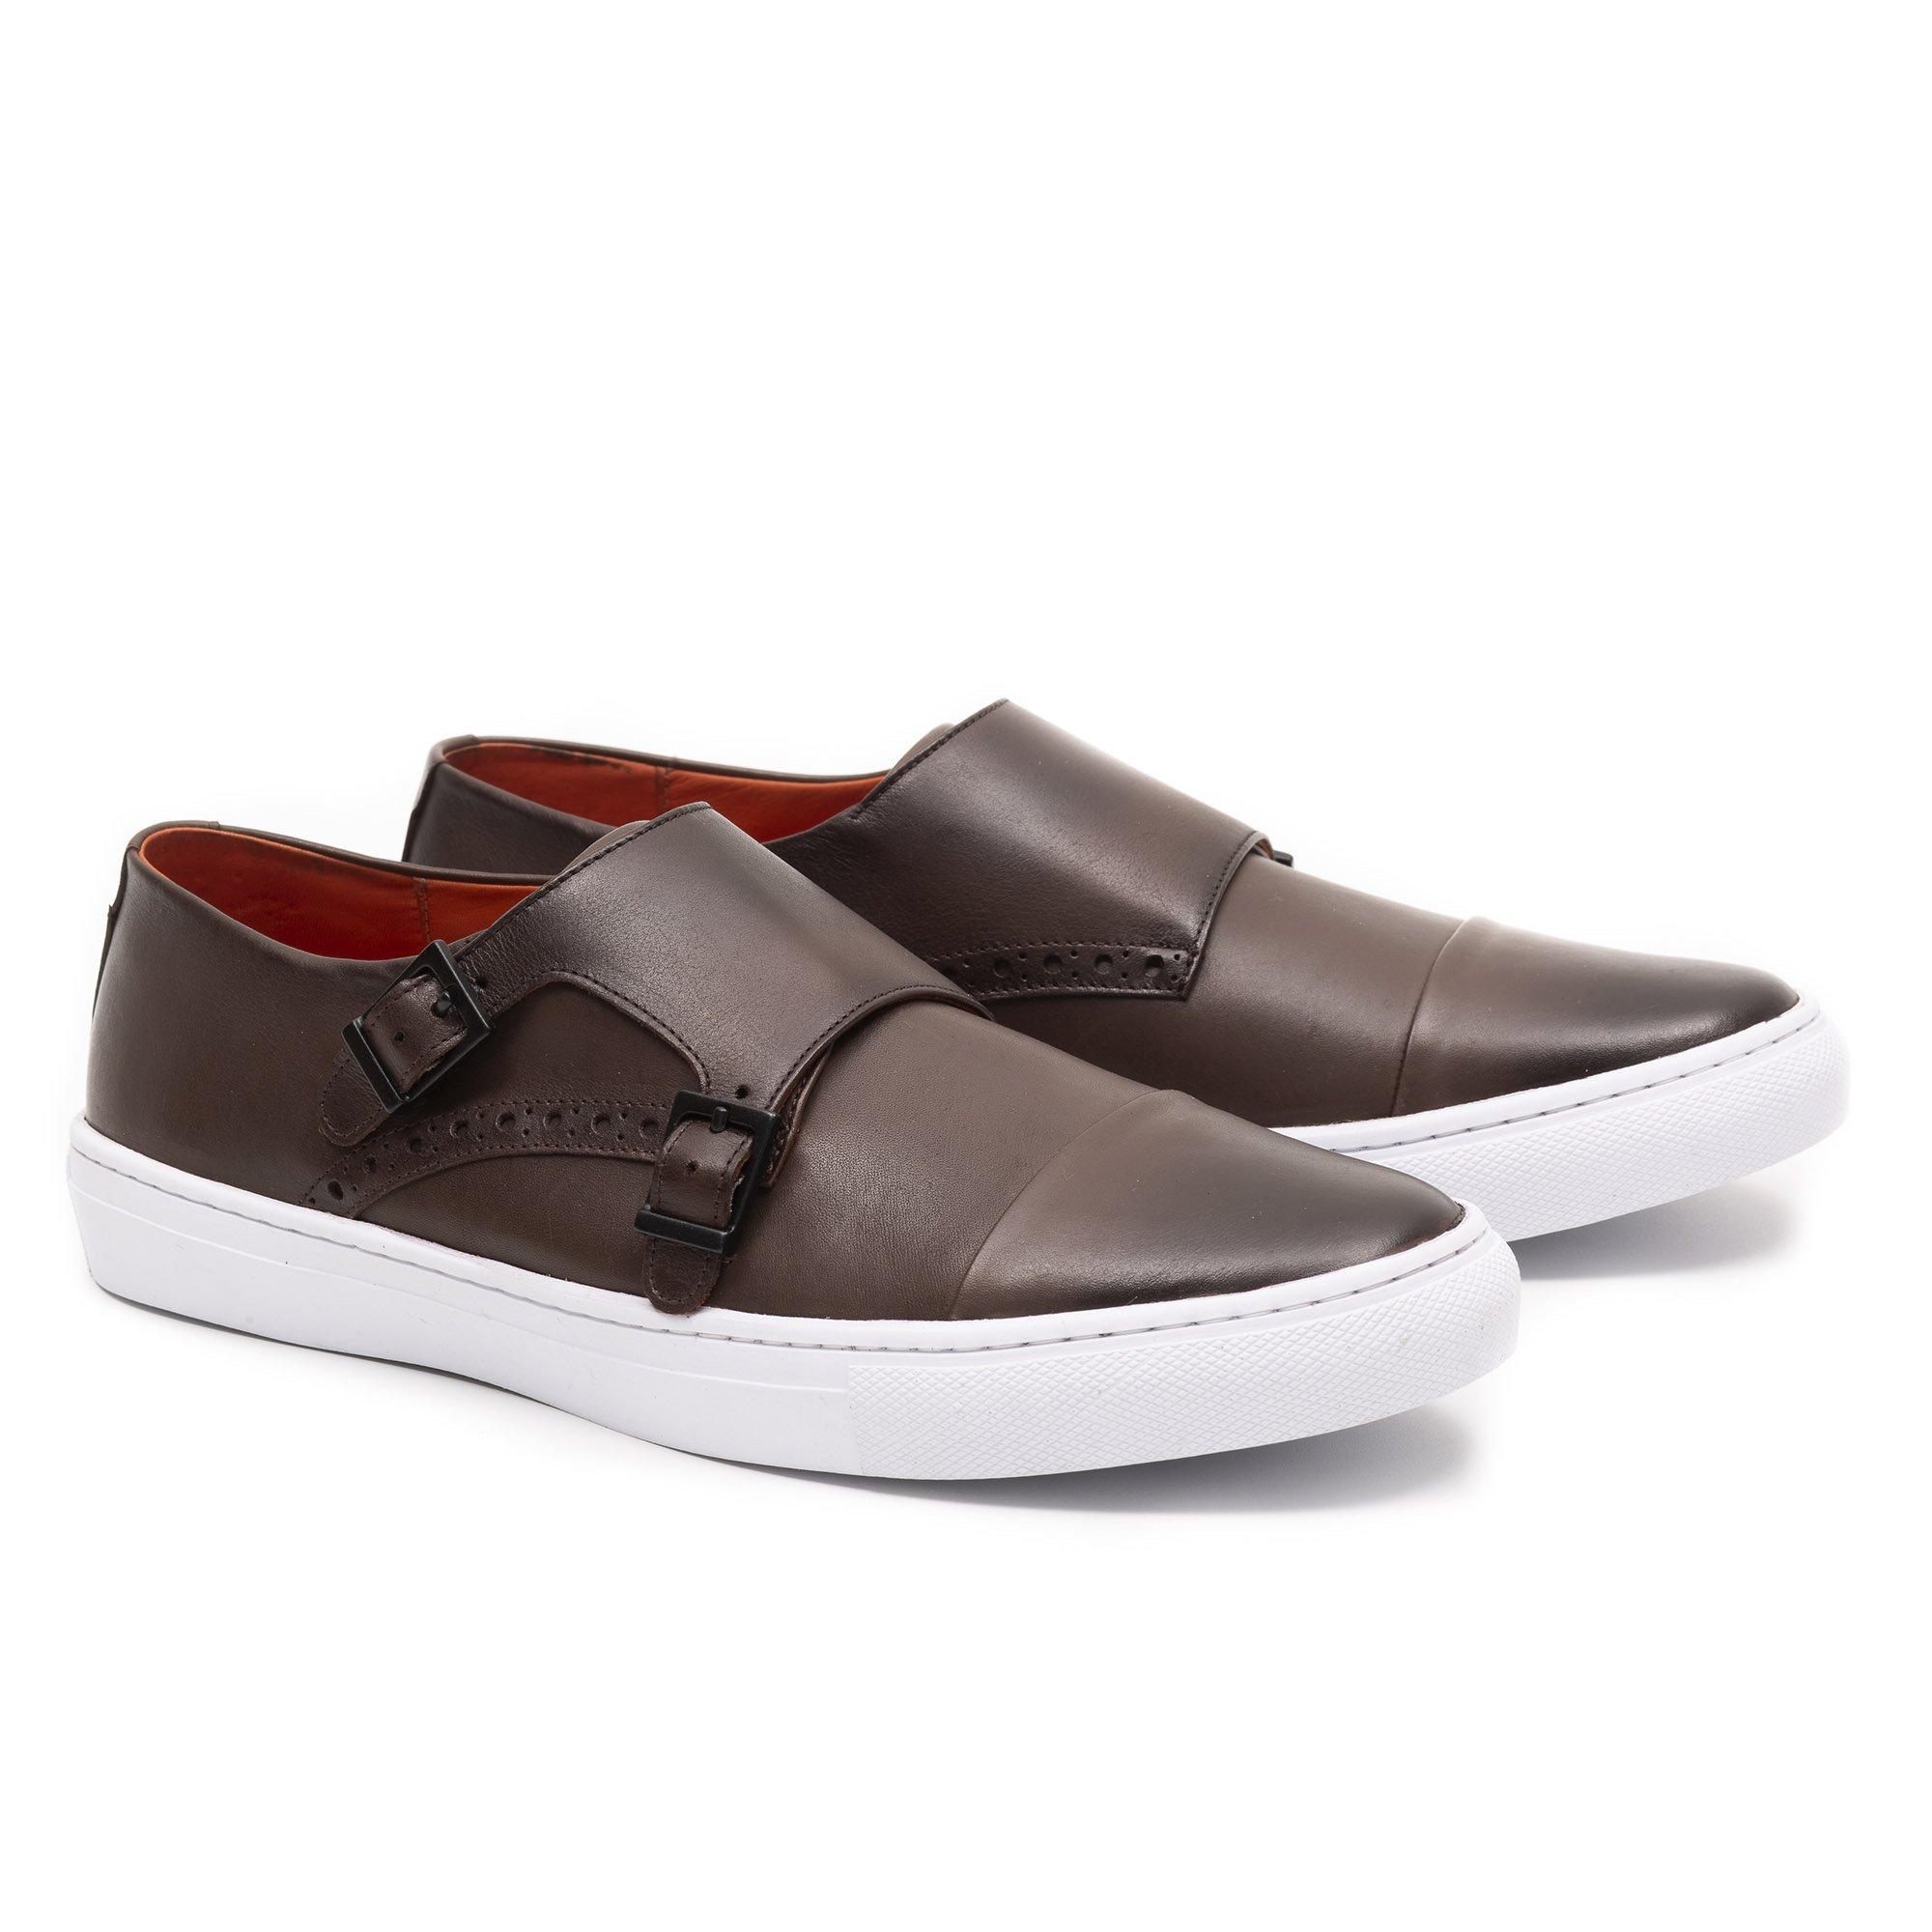 Sapato Casual Monk Strap Café Couro legítimo Monbran Dressy Richards 14446C